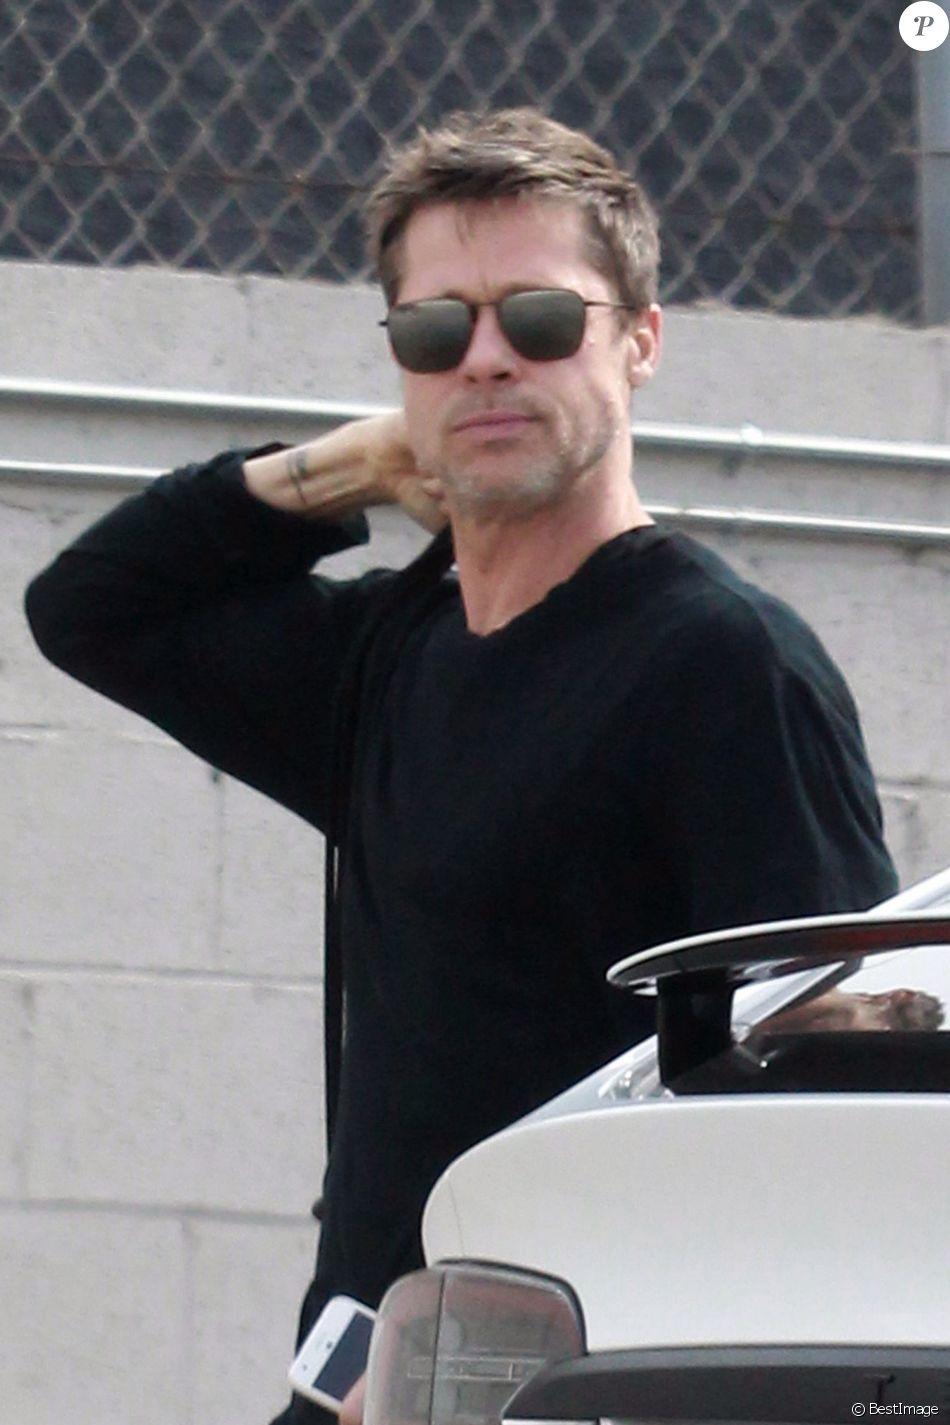 Exclusif - Brad Pitt vêtu tout de noir sort de sa Tesla après avoir fait du shopping à Los Angeles le 16 novembre 2017.